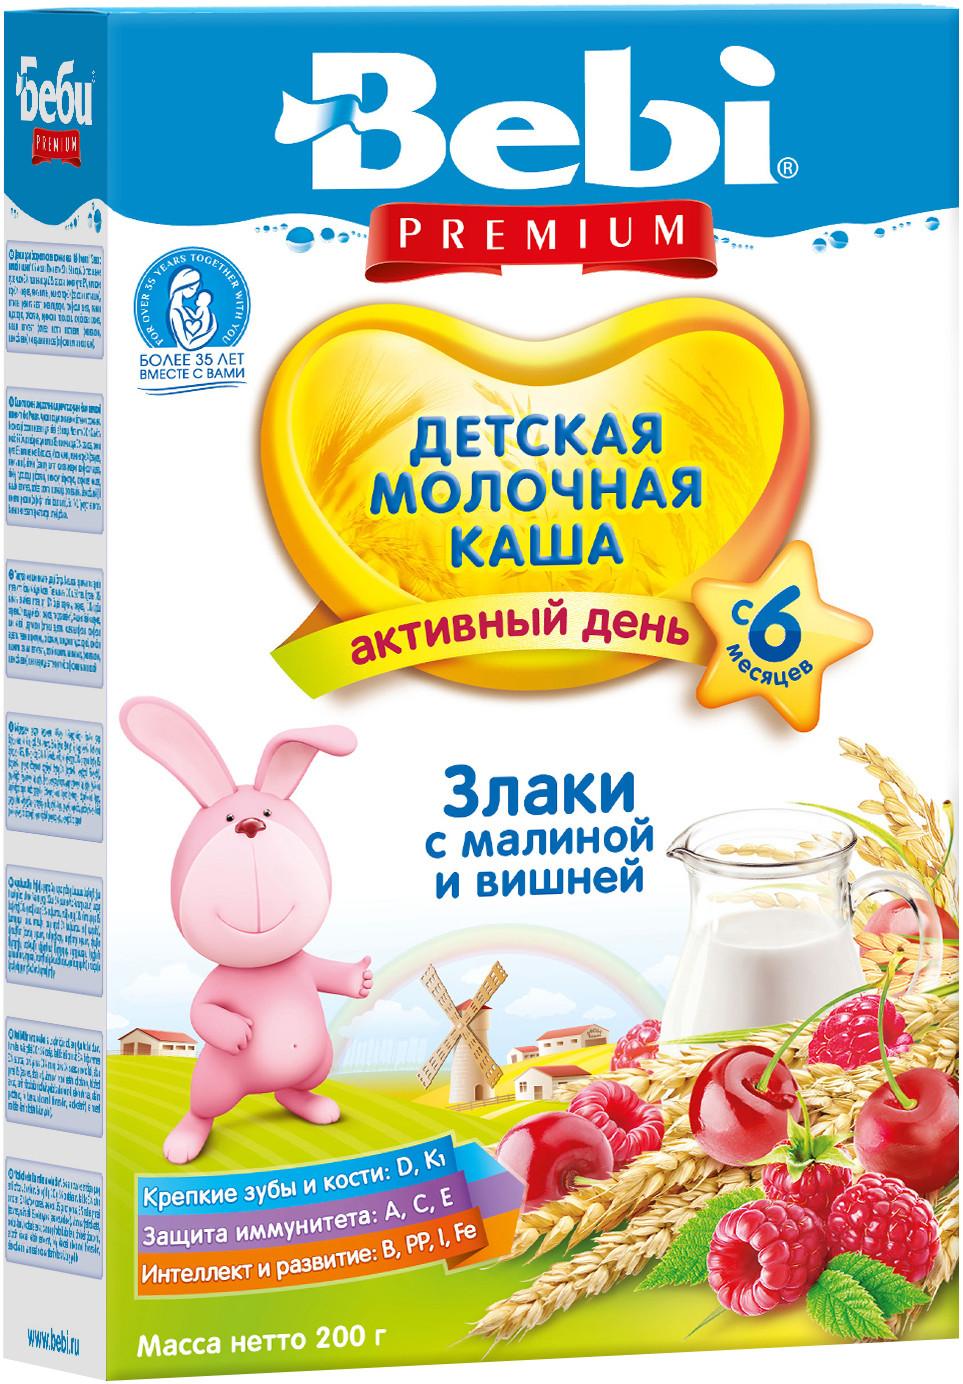 Каши Bebi Каша молочная Bebi Premium злаки с малиной и вишней с 6 мес. 200 г каши bebi молочная каша premium 7 злаков с 6 мес 200 г